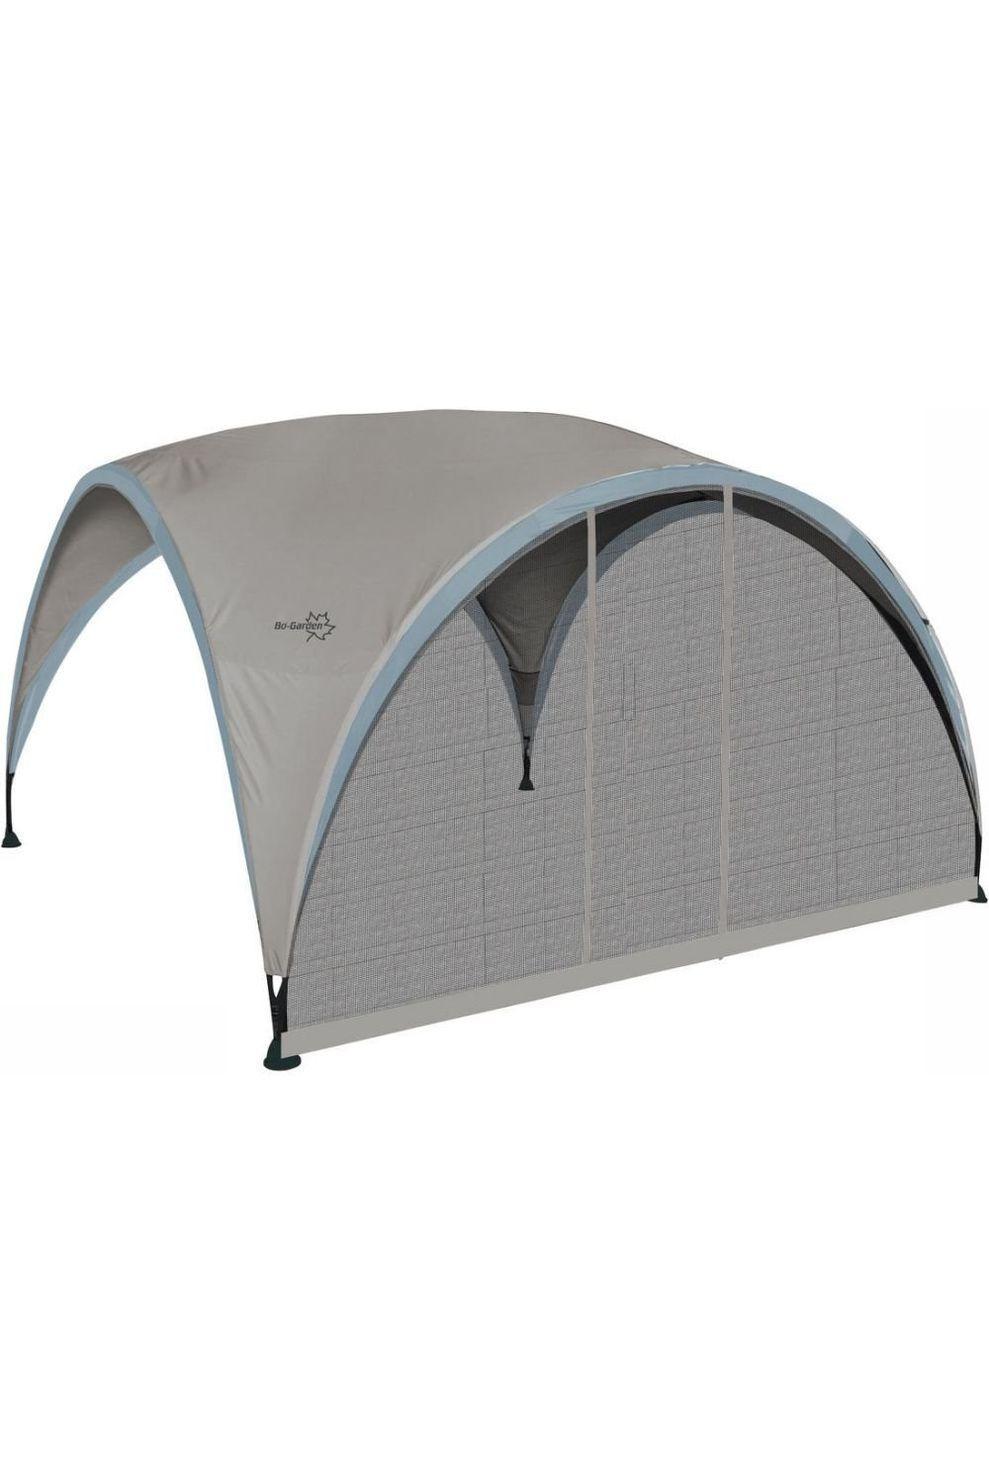 Bo-Garden Tarps Zijwand Voor Party Shelter Large Met Deur En Gaas - / Transparant